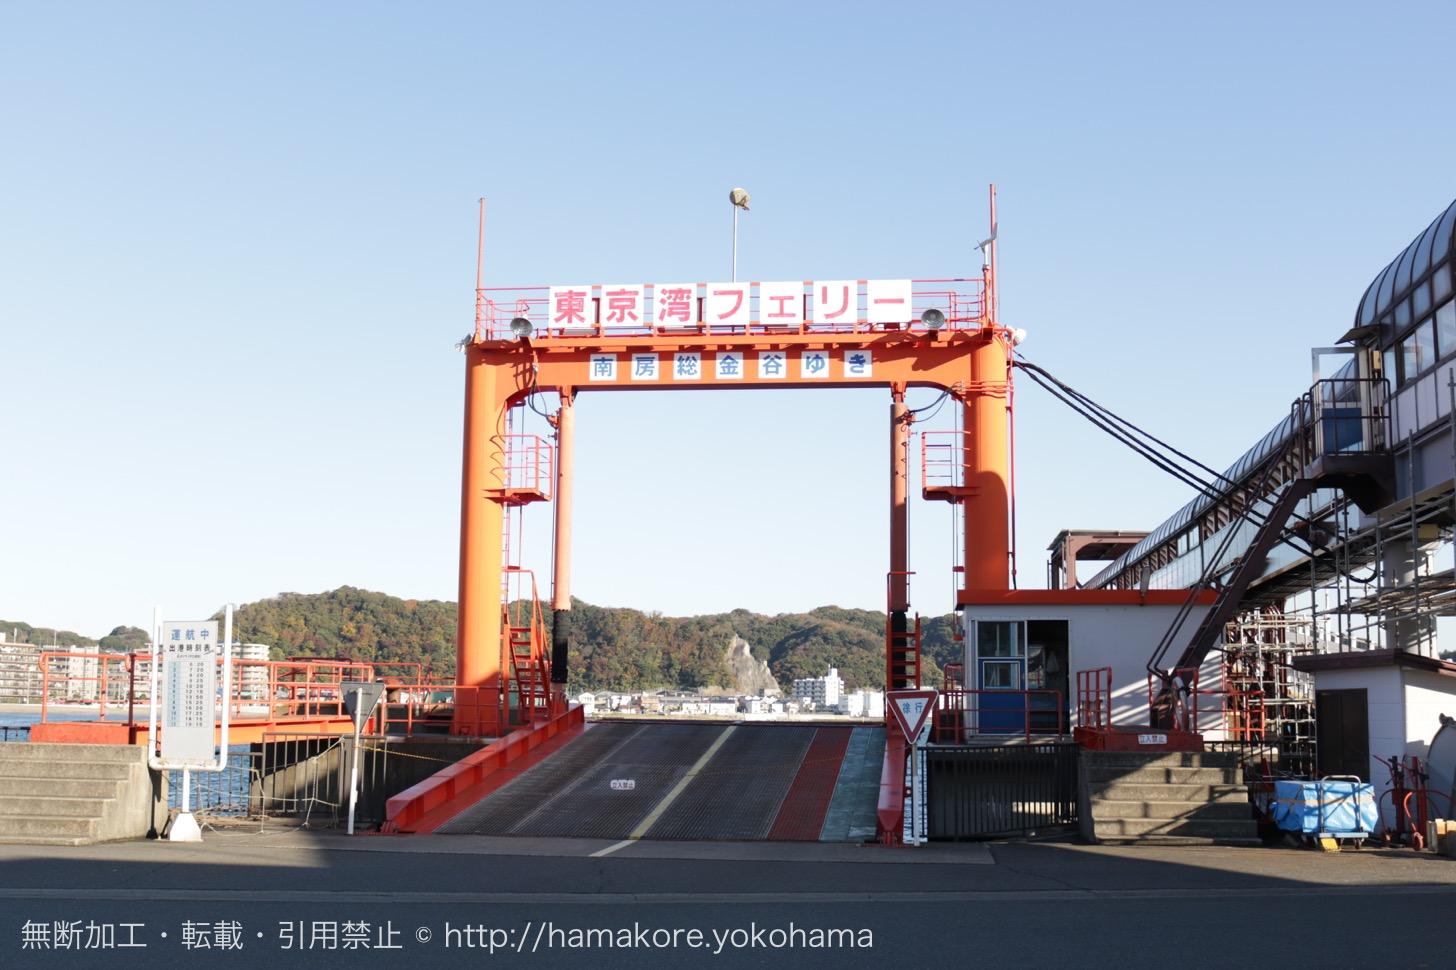 横浜駅から東京湾フェリー乗り場の行き方!バスのりばや運行時刻について